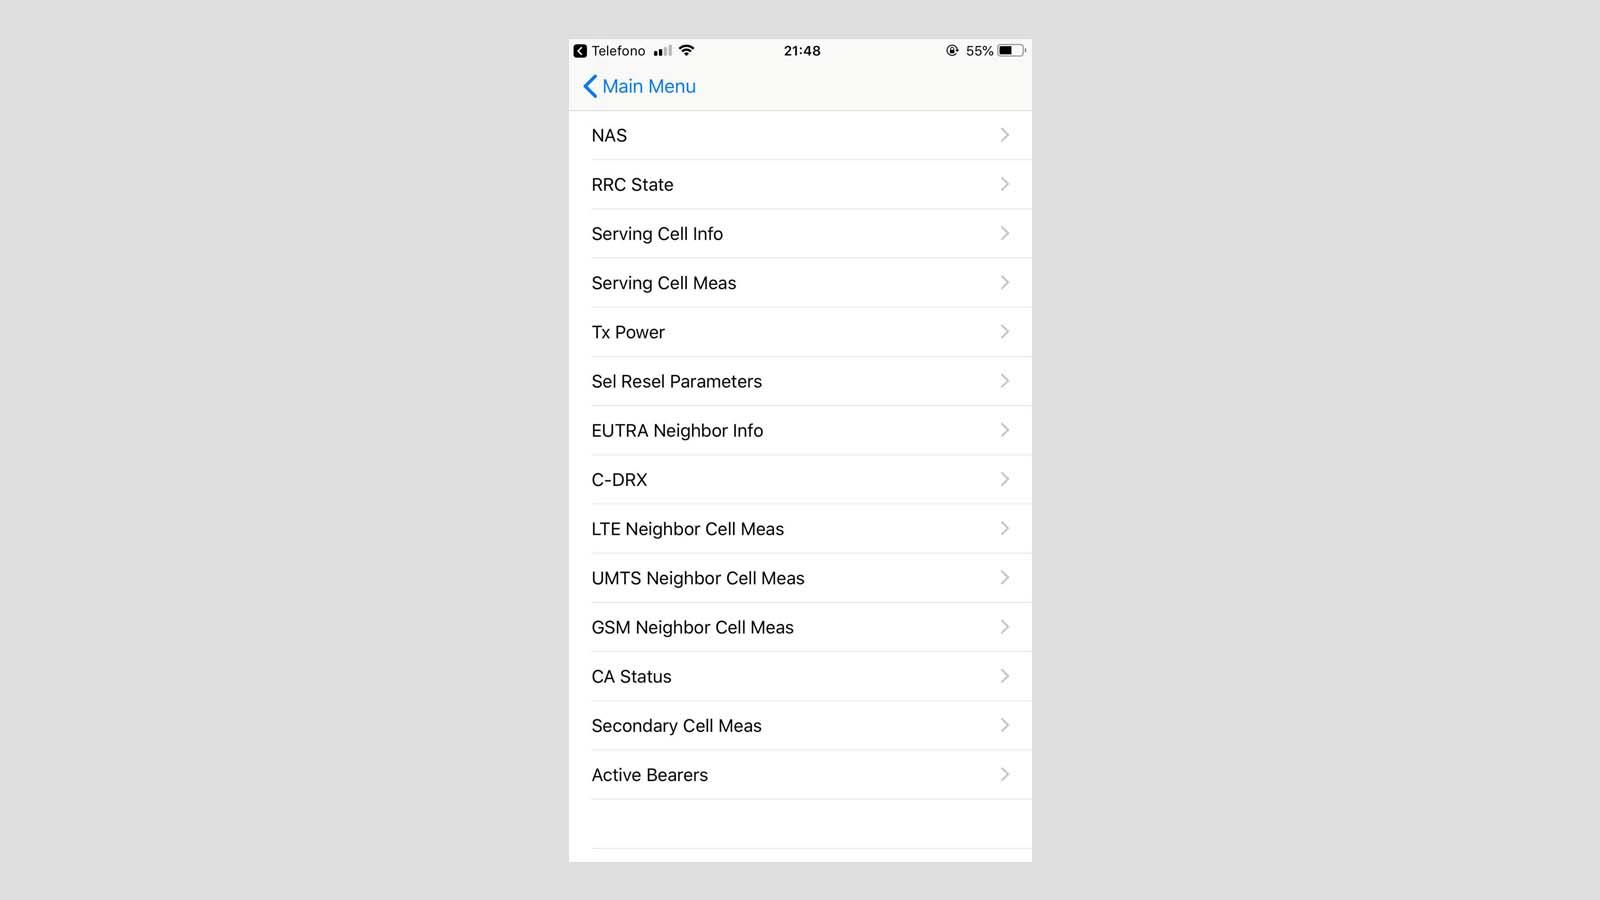 Codici per avere accesso alle aree segrete dell'iPhone